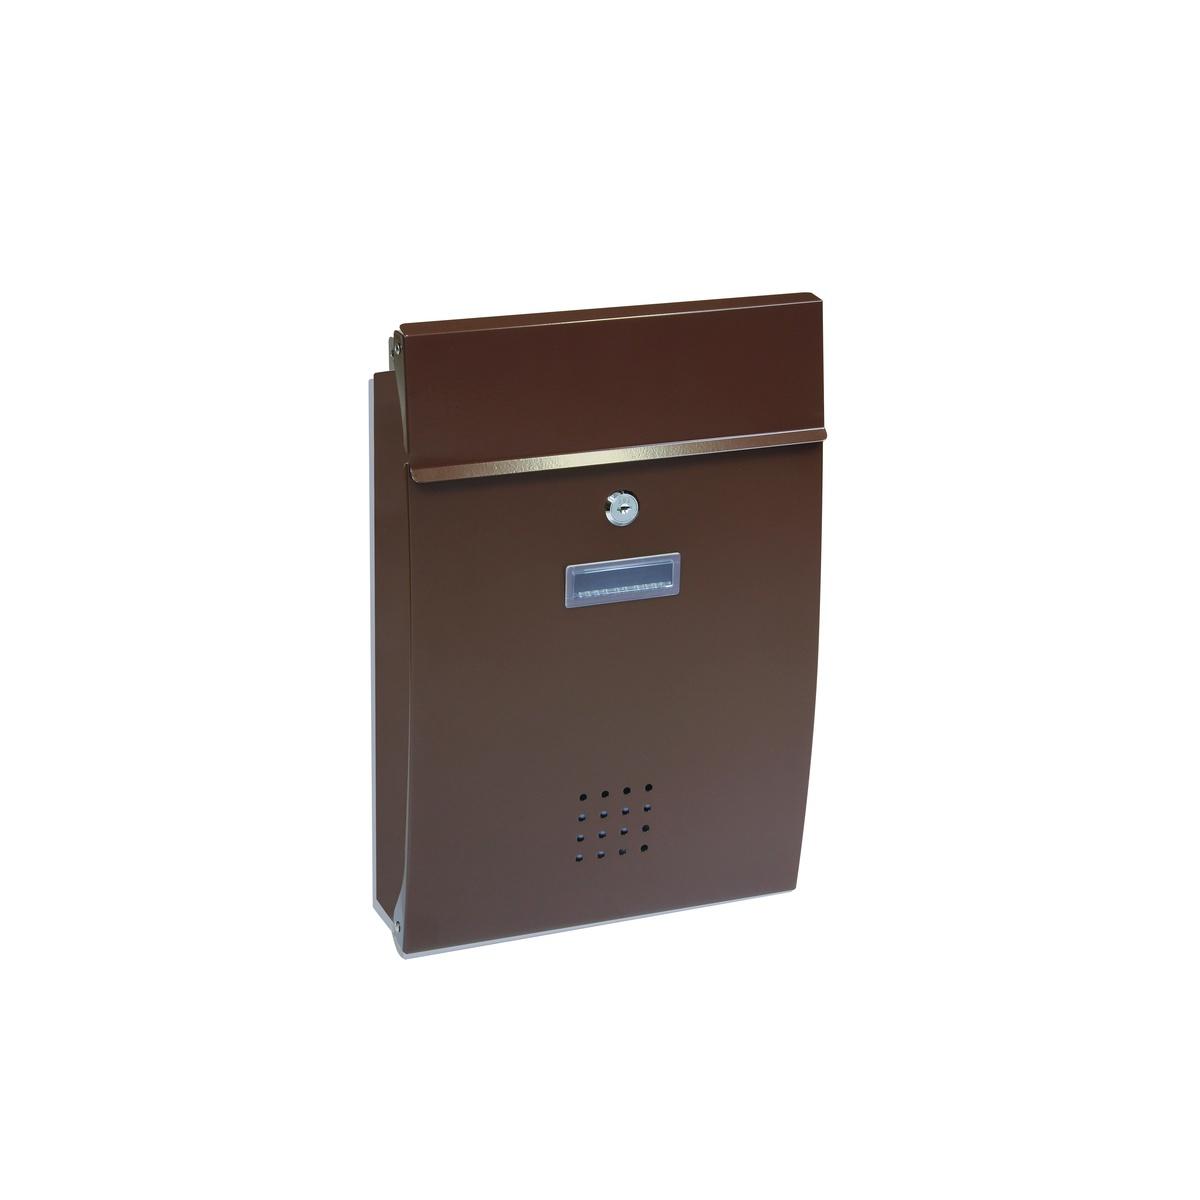 Poštovní schránka RICHTER BK05 (BÍLÁ, STŘÍBRNÁ, HNĚDÁ) - Ocel hnědá